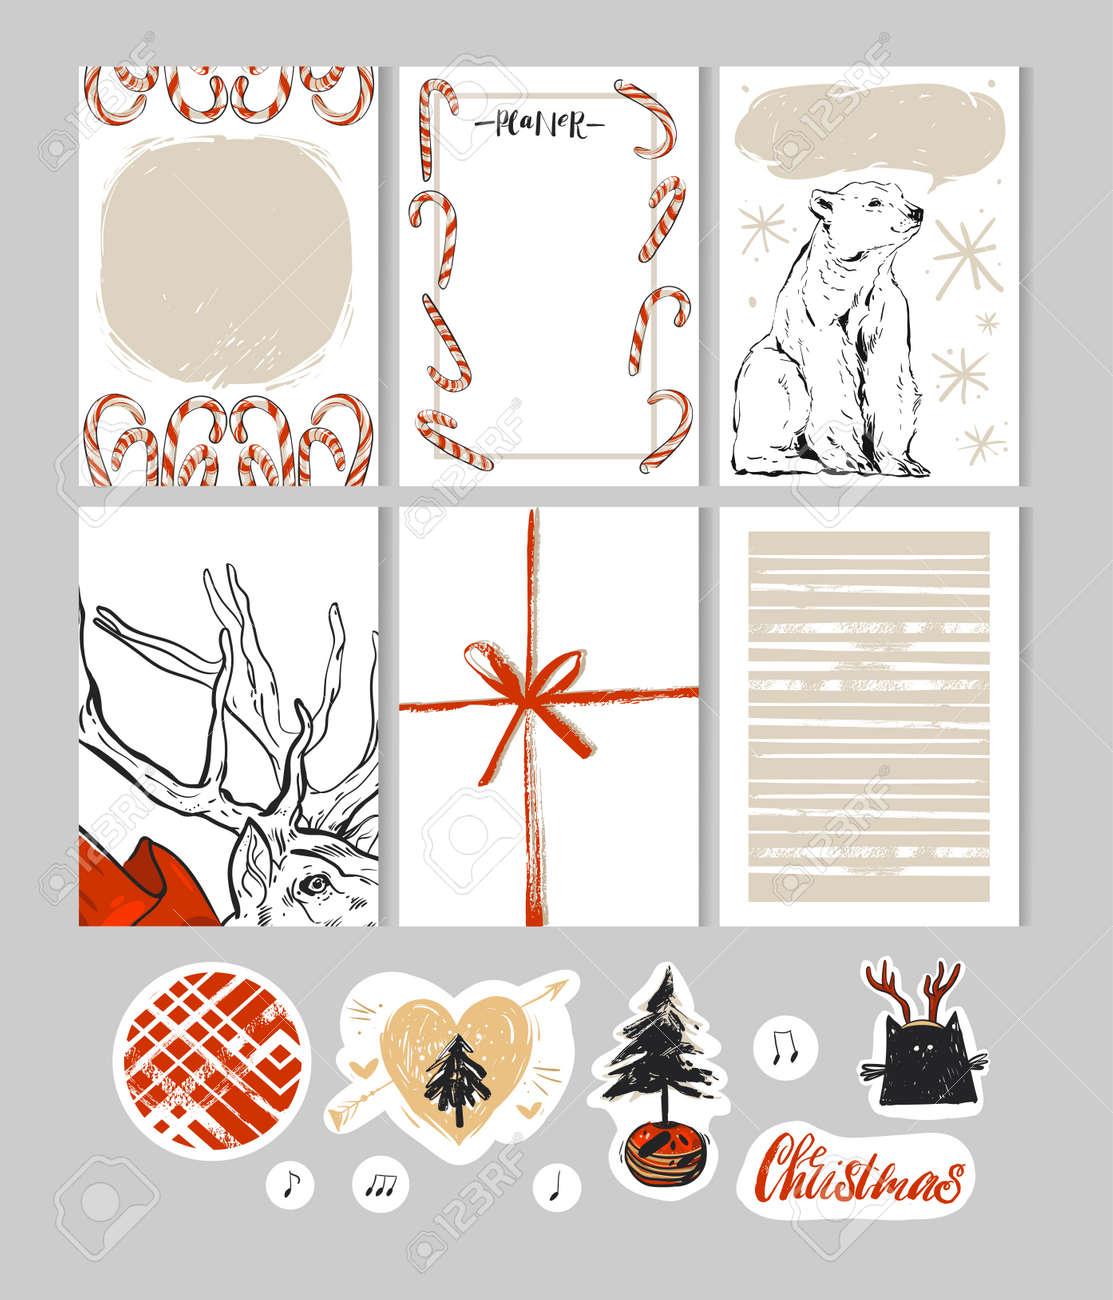 Hand made christmas set with cardsnotesstickerslabelsstampstags hand made christmas set with cardsnotesstickerslabelsstampstags m4hsunfo